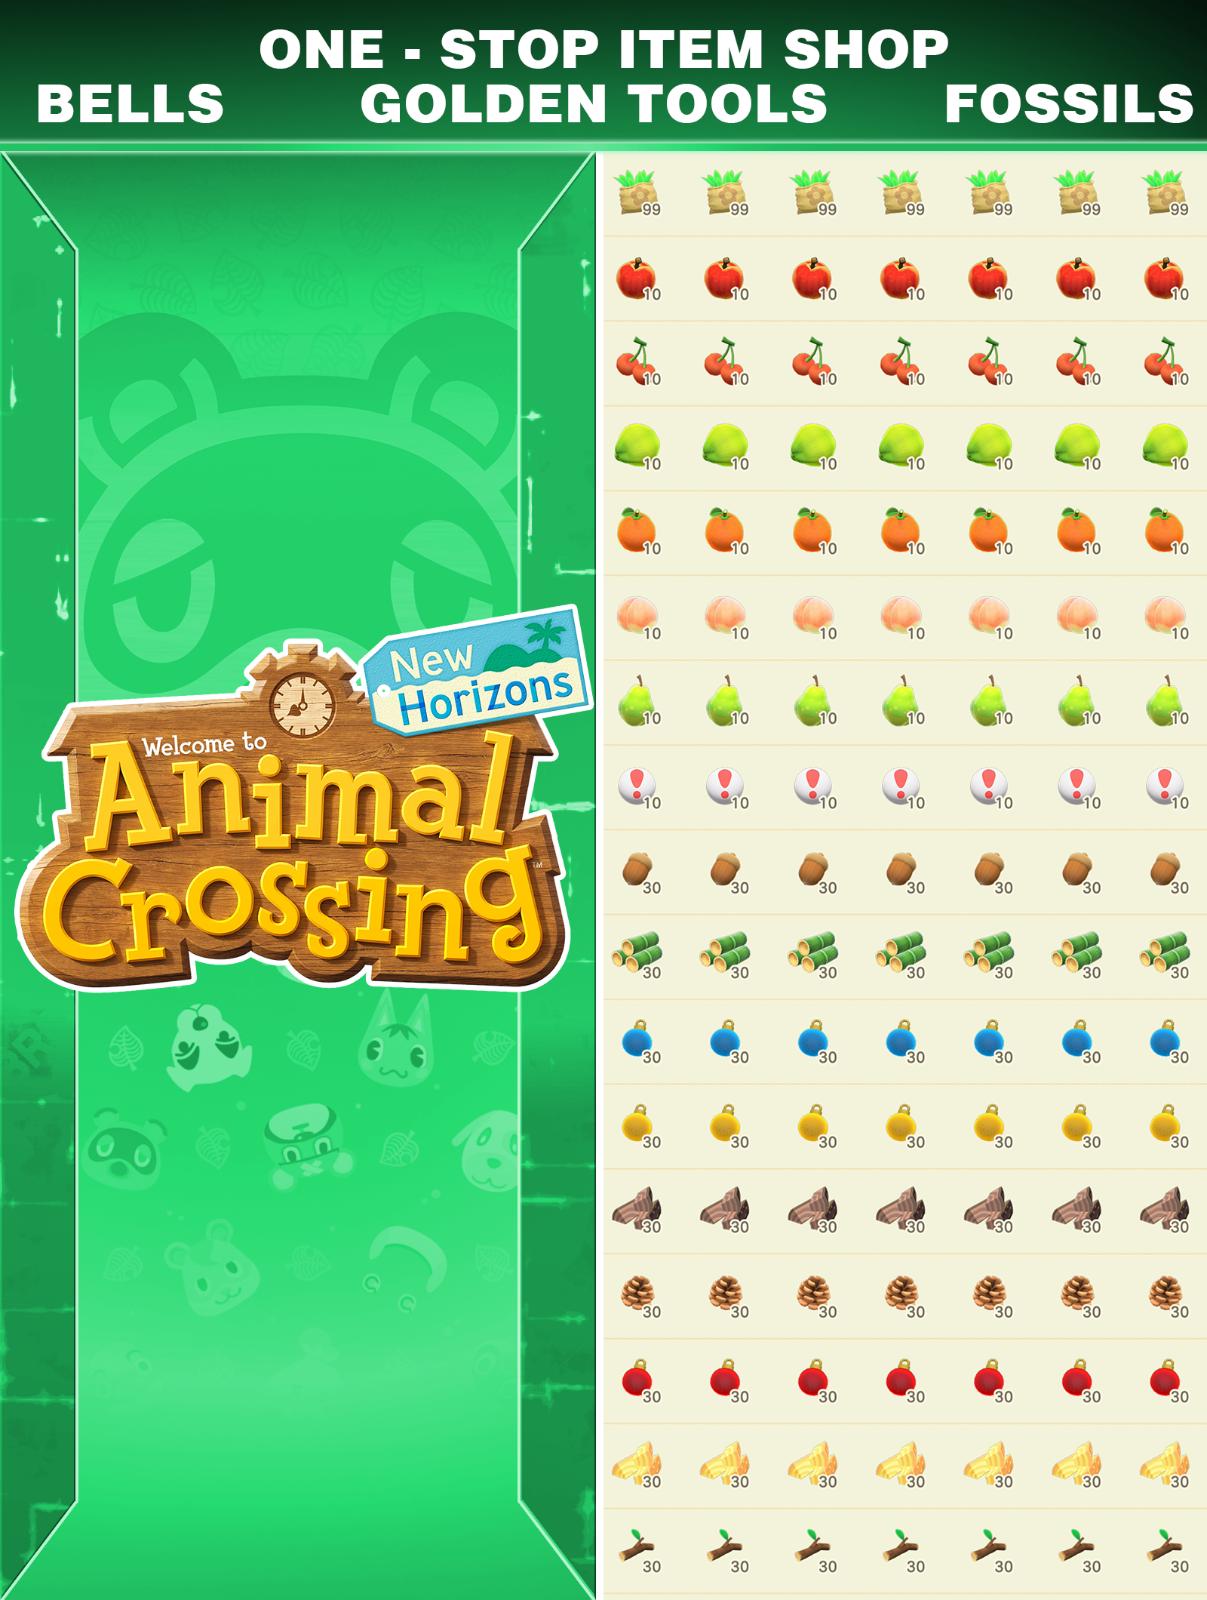 3f430d7ab68279cbf8b610180c5054b9 - How To Get Golden Tools In Animal Crossing New Leaf